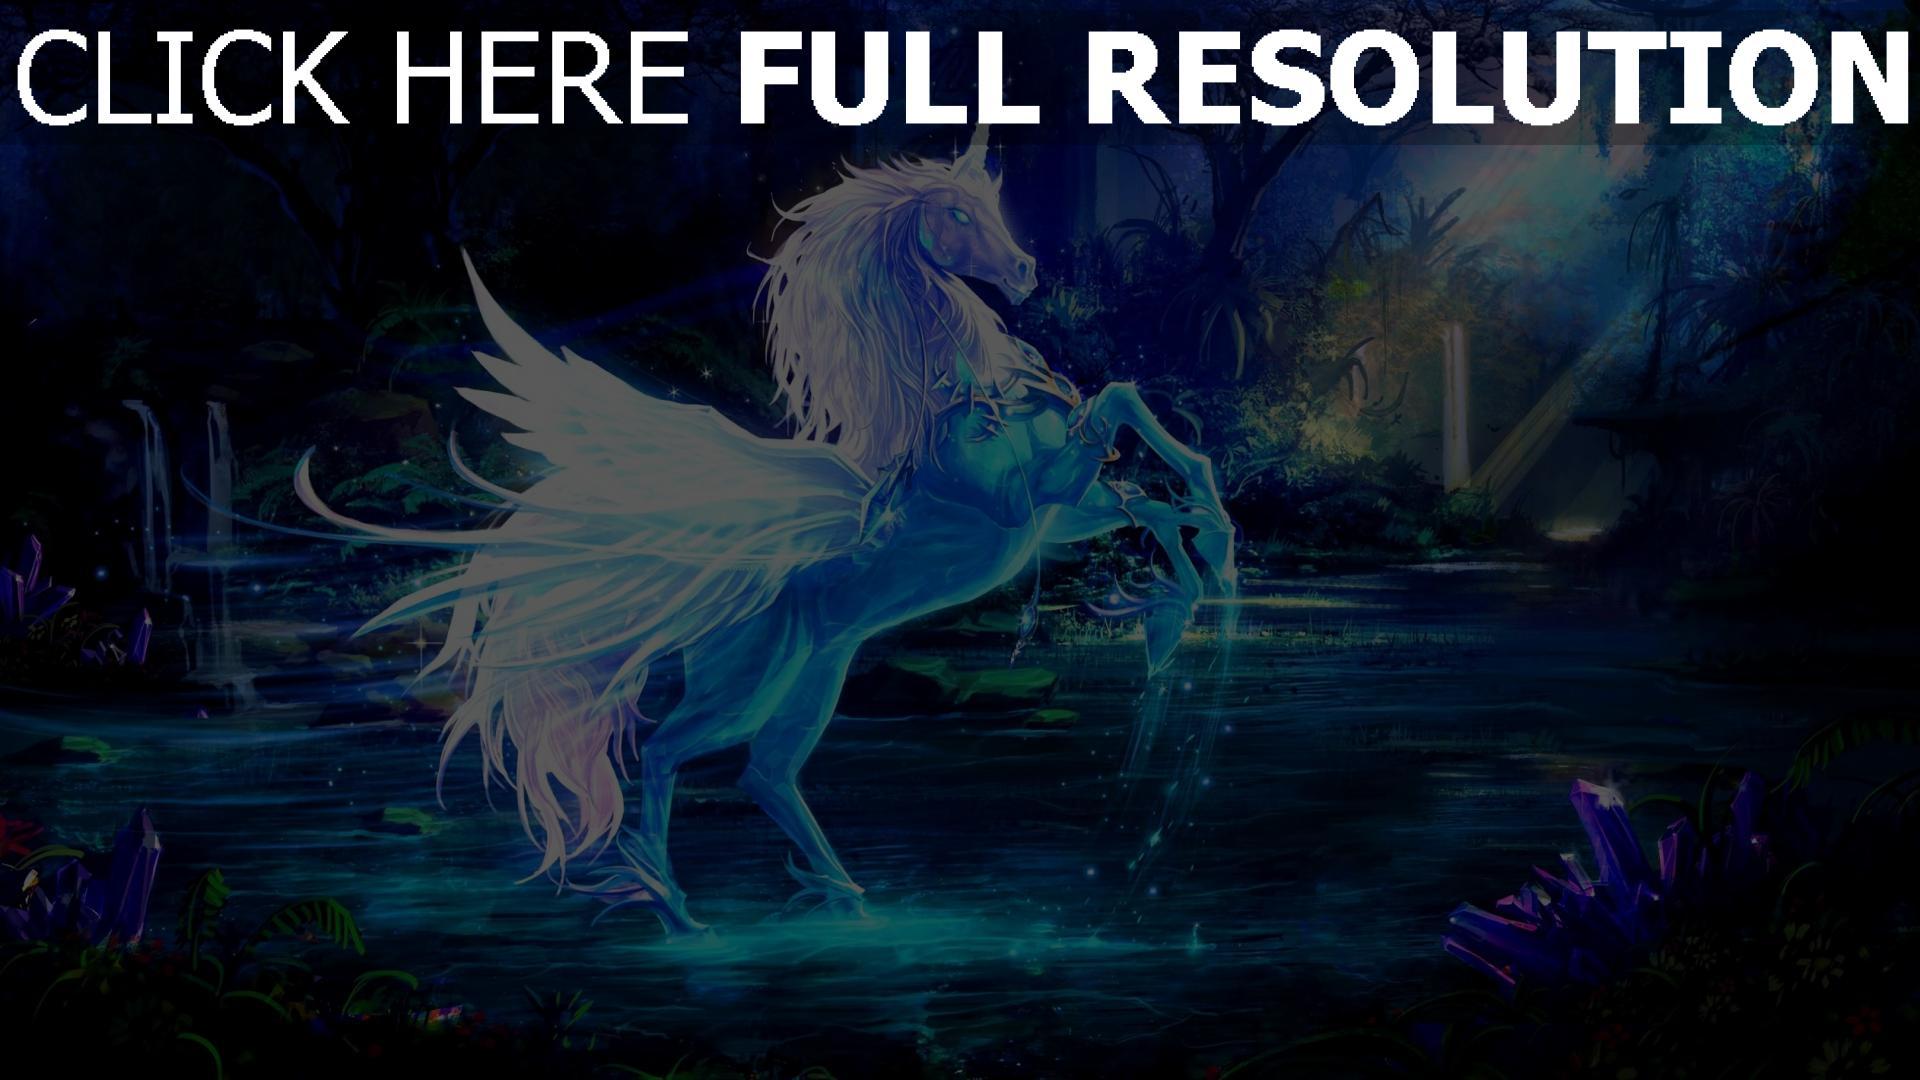 Hd Hintergrundbilder Einhorn Pegasus Wasser Wald Magie Desktop